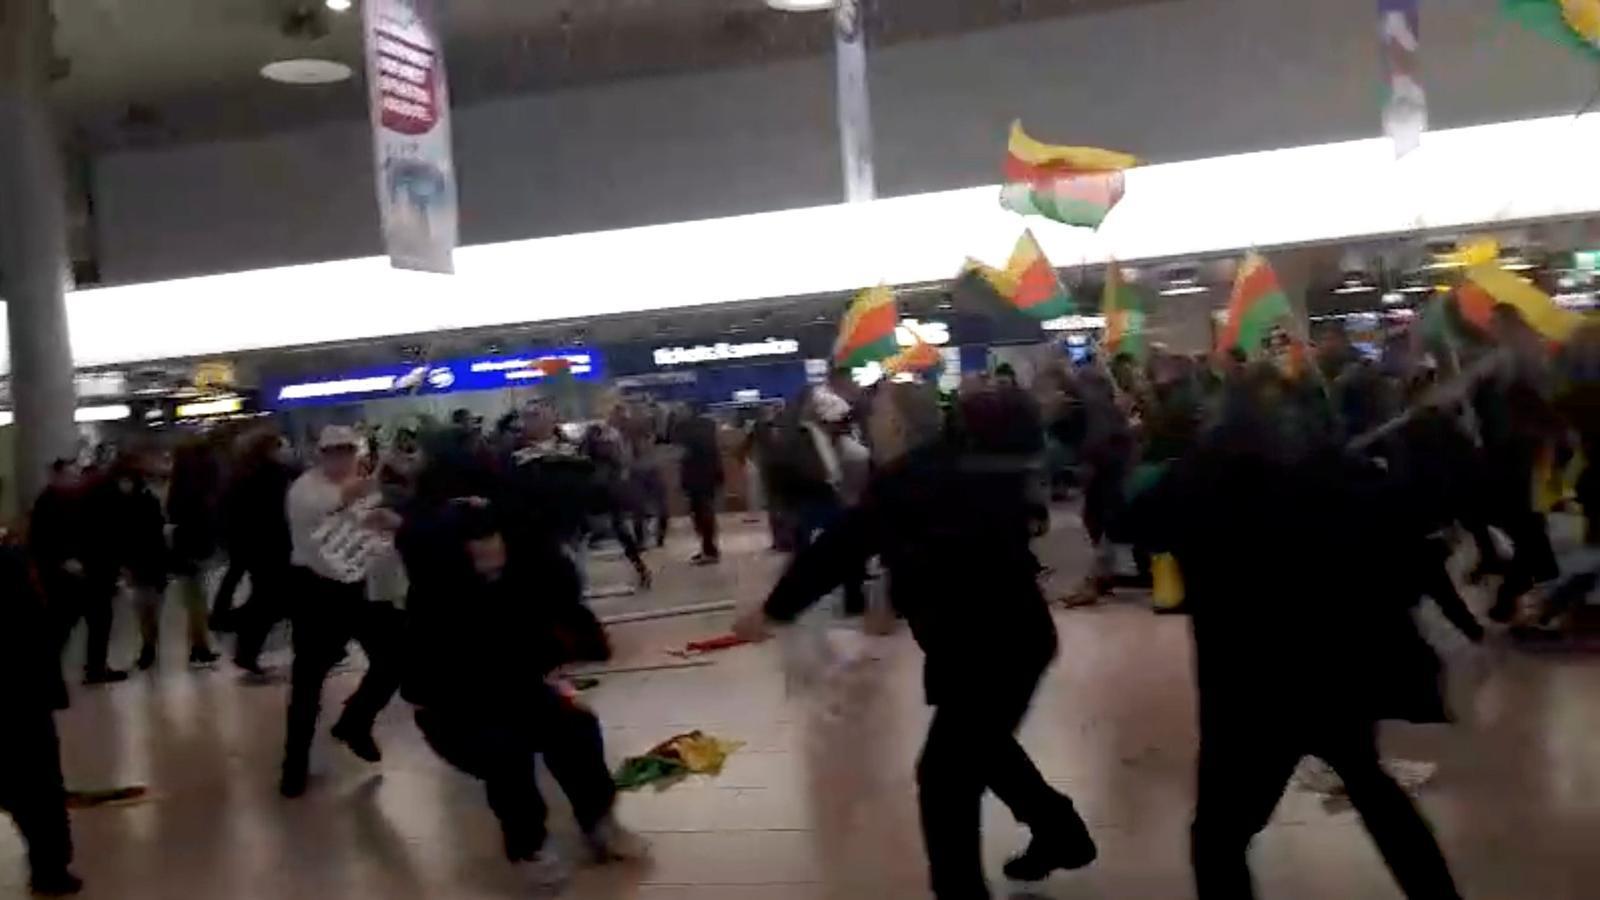 Els kurds (dreta) i els turcs (esquerra) en el moment de la batalla a l'aeroport de Hannover